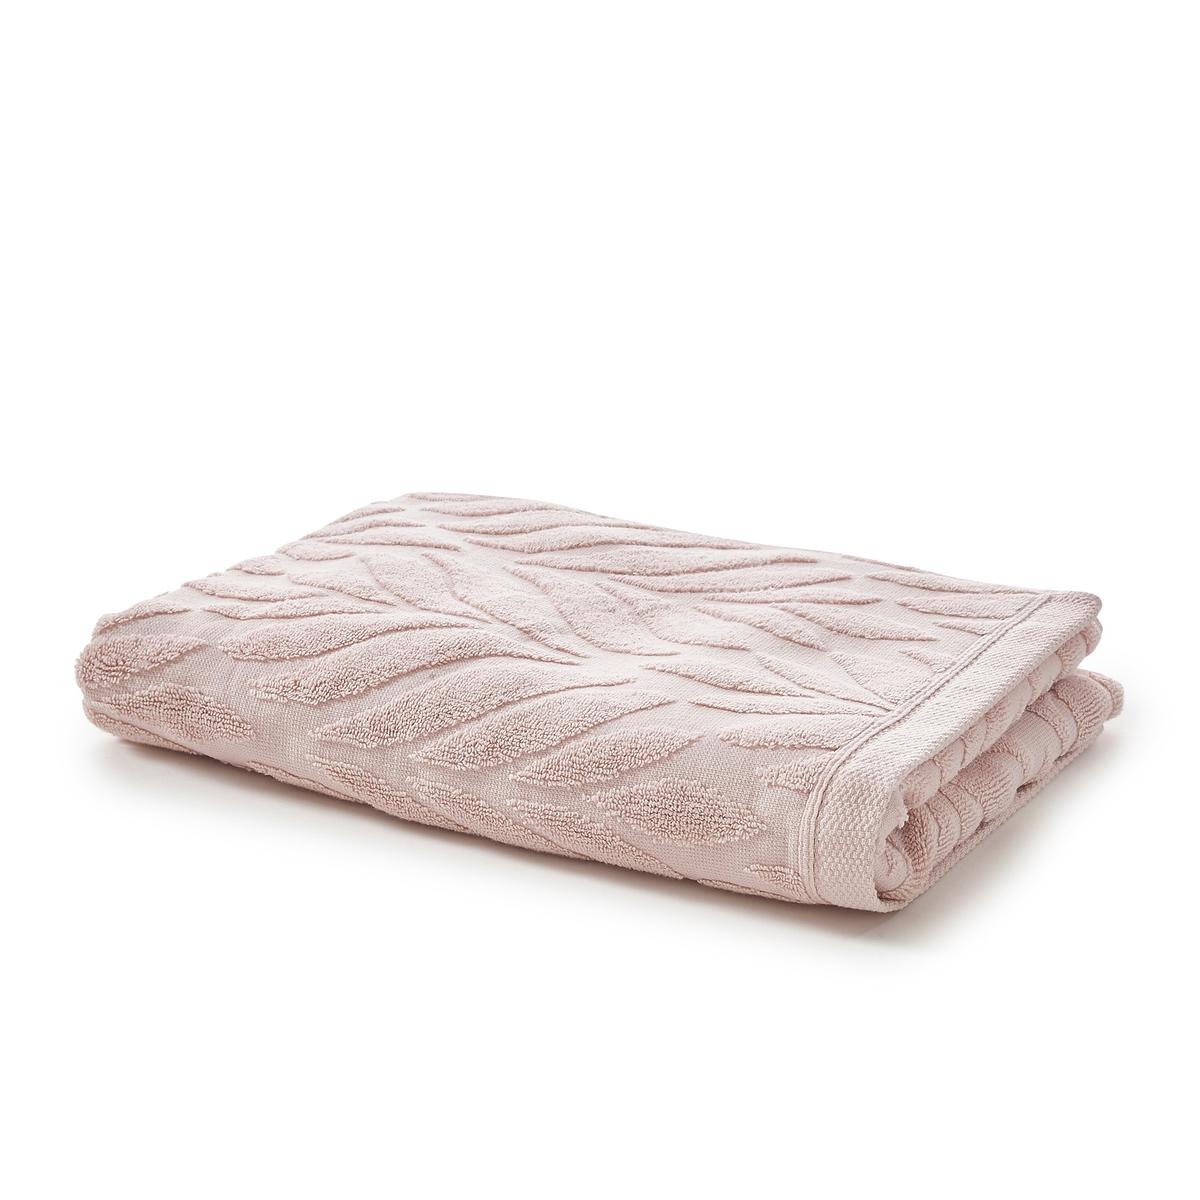 Полотенце банное макси размер, 500 г/м?, VILA REALХарактеристики банного полотенца макси Vila Real :Малая пряжа 100% хлопок, 500 г/м?.Машинная стирка при 60 °С.Размеры банного полотенца макси Vila Real  :100 x 150 см.<br><br>Цвет: серый,телесный